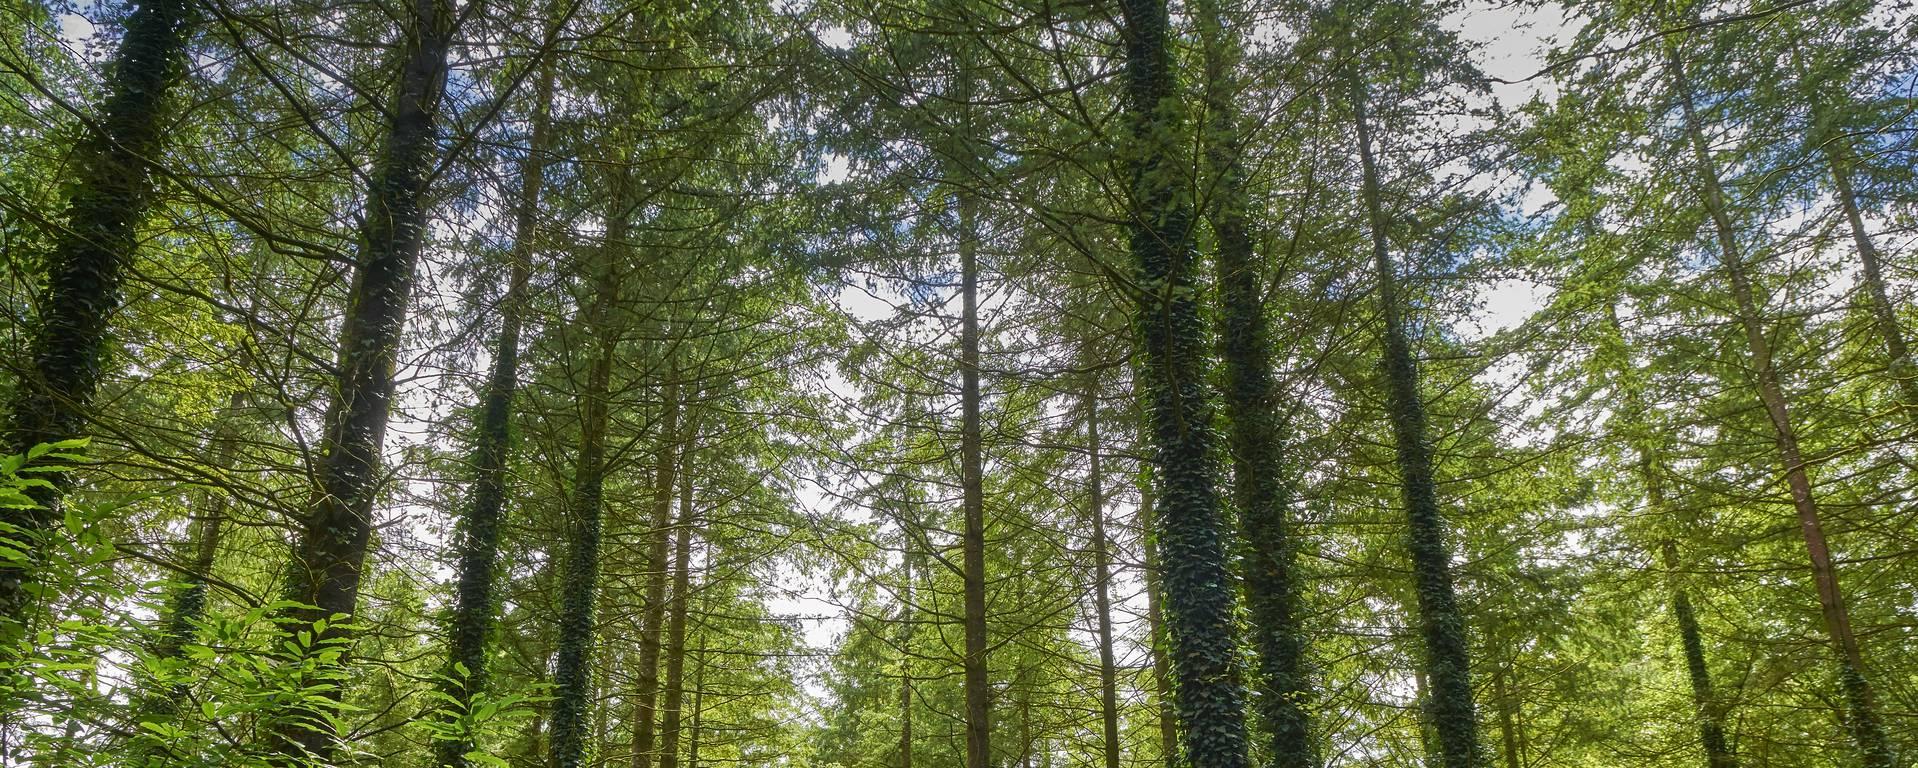 Forêt de Pont-Calleck - Berné - © M-A Gouret-Puillandre